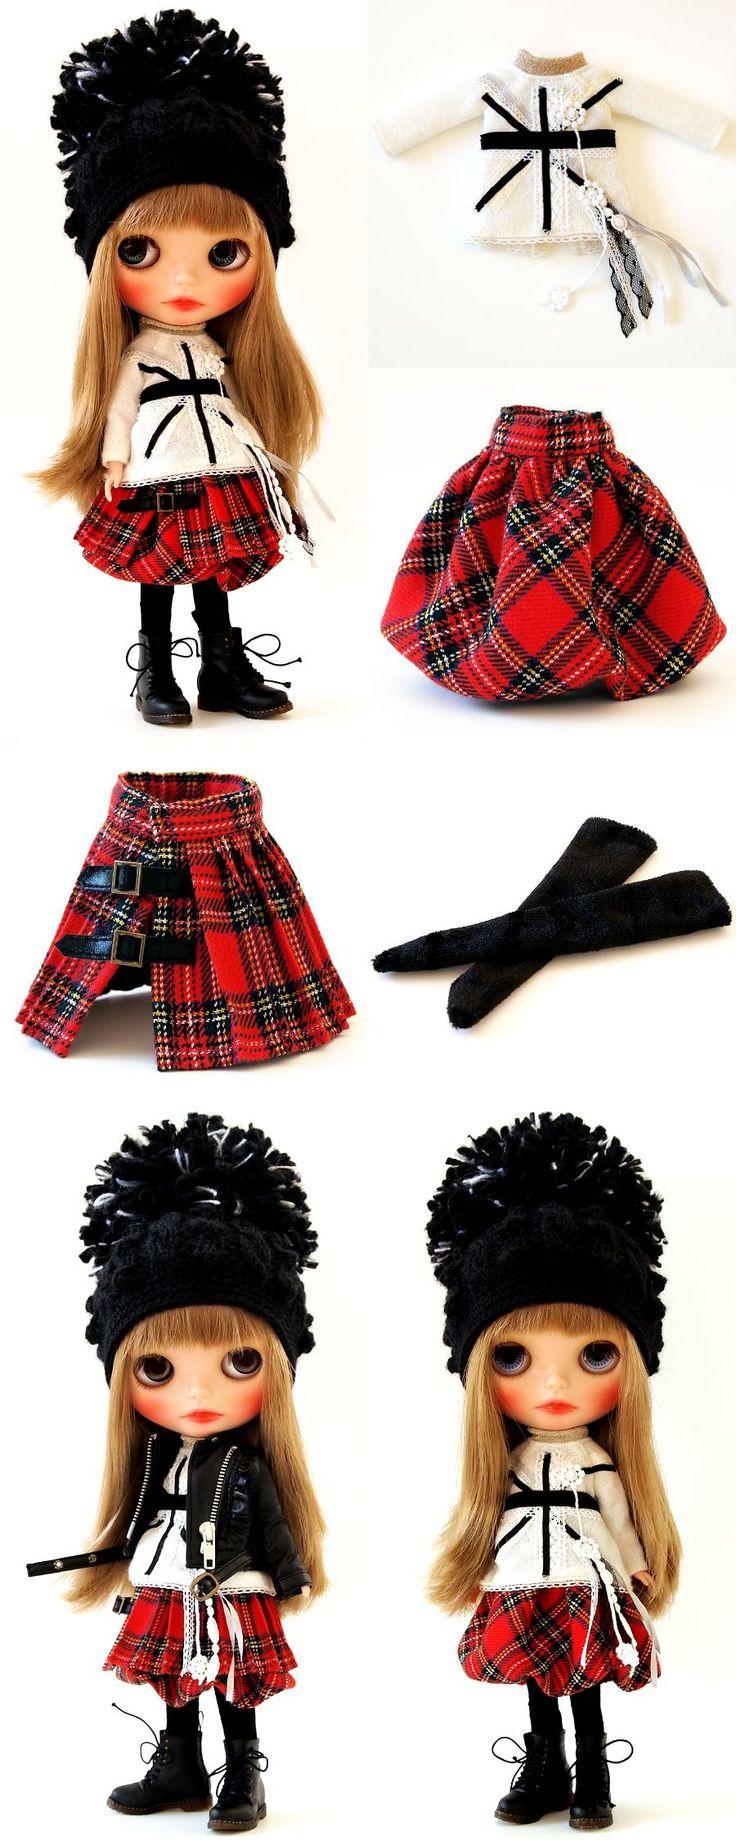 今年のライダースセットは softなPunk Girl♪ 新しいモデルさんが 素敵に着こなしてくれました^^    ライダースを作ったのはこ...